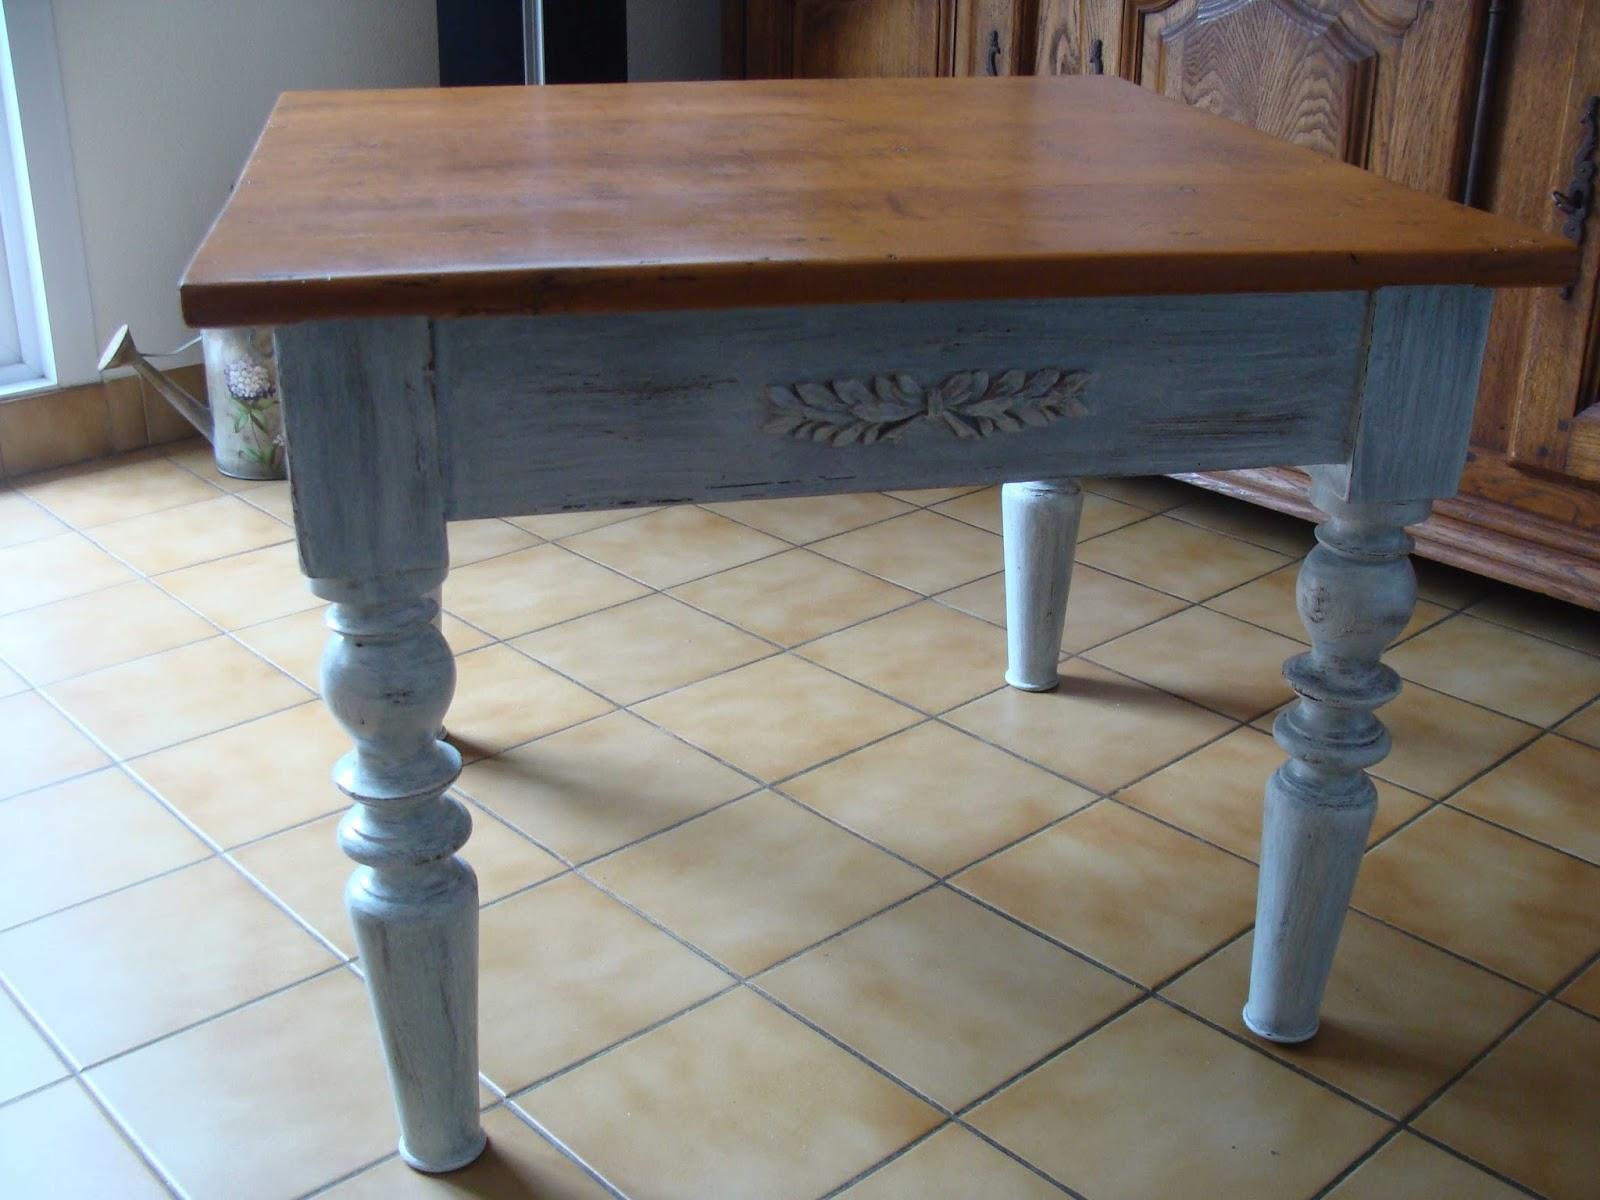 nouvelle vie pour objets et meubles table basse. Black Bedroom Furniture Sets. Home Design Ideas